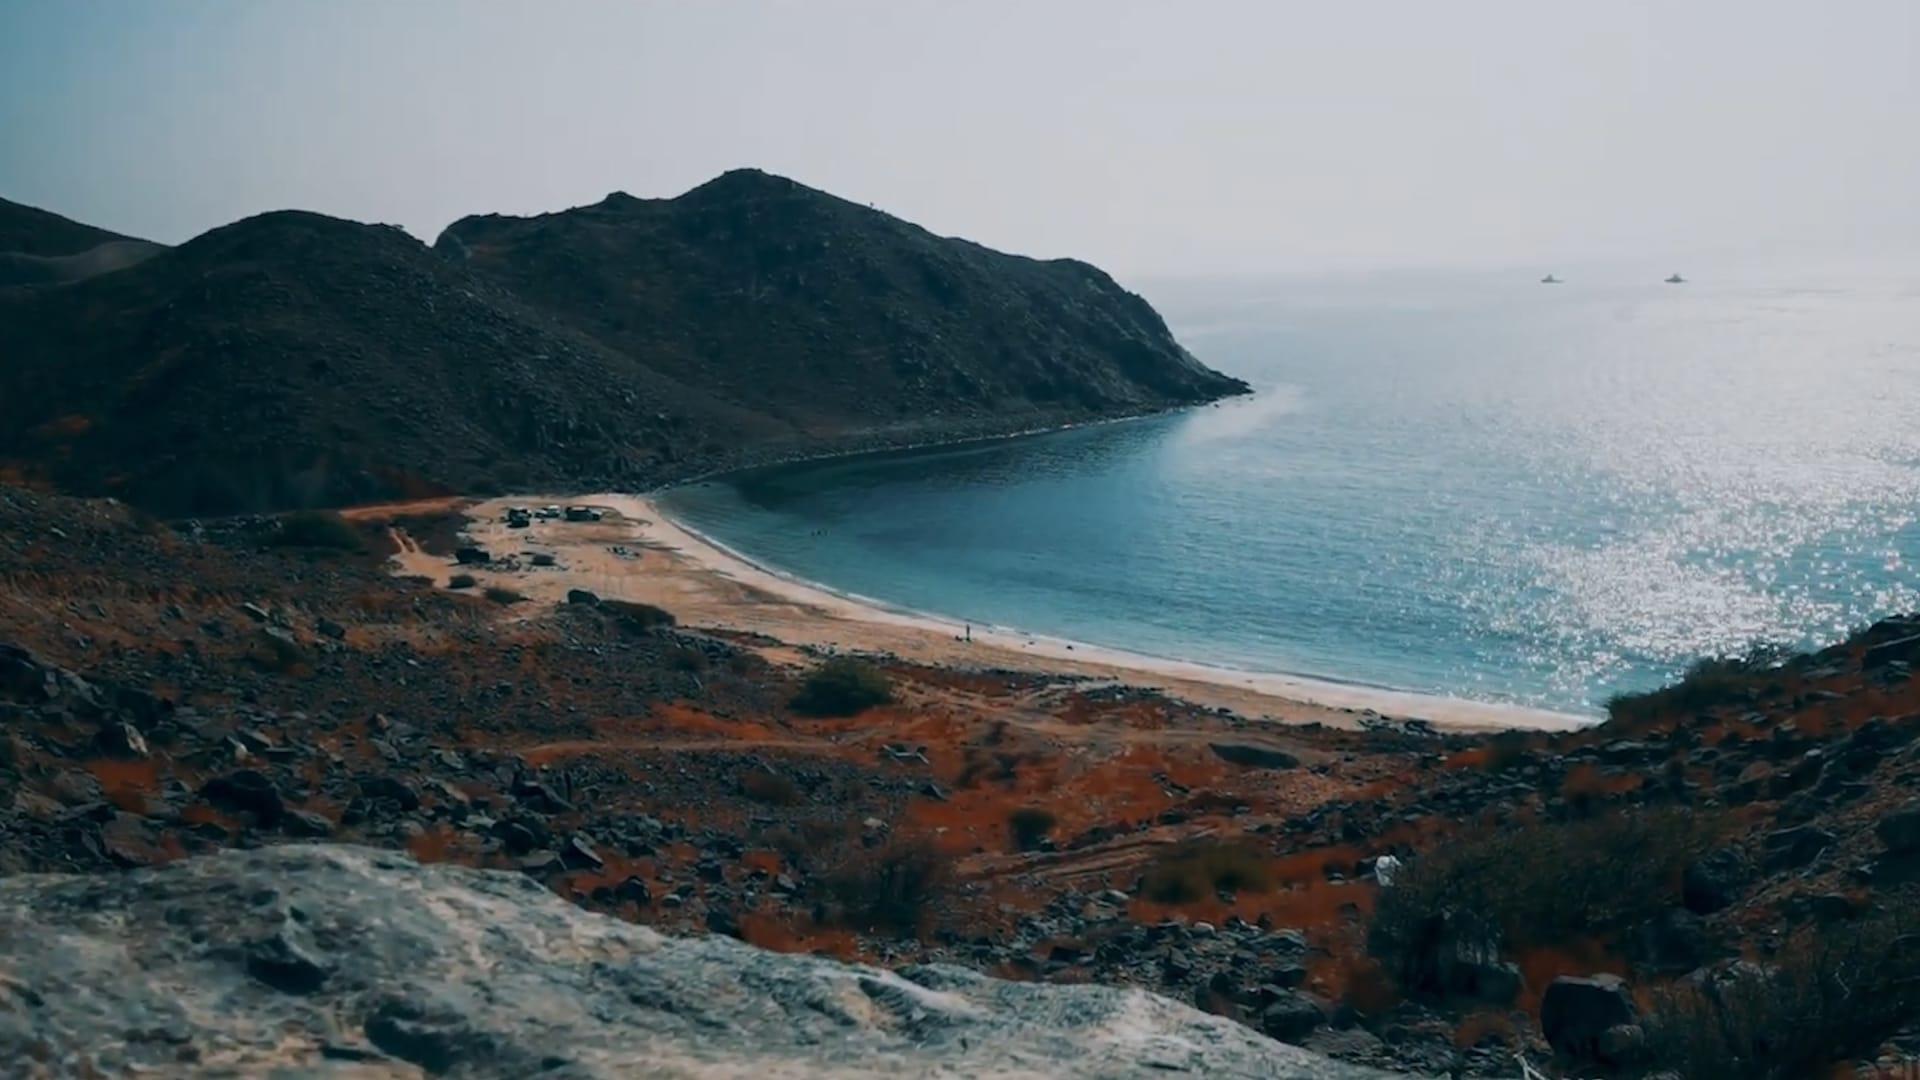 """بحر """"مخفي"""" خلف أحد جبال الإمارات ومشهد يبعث بـ""""شعور لا يوصف"""""""